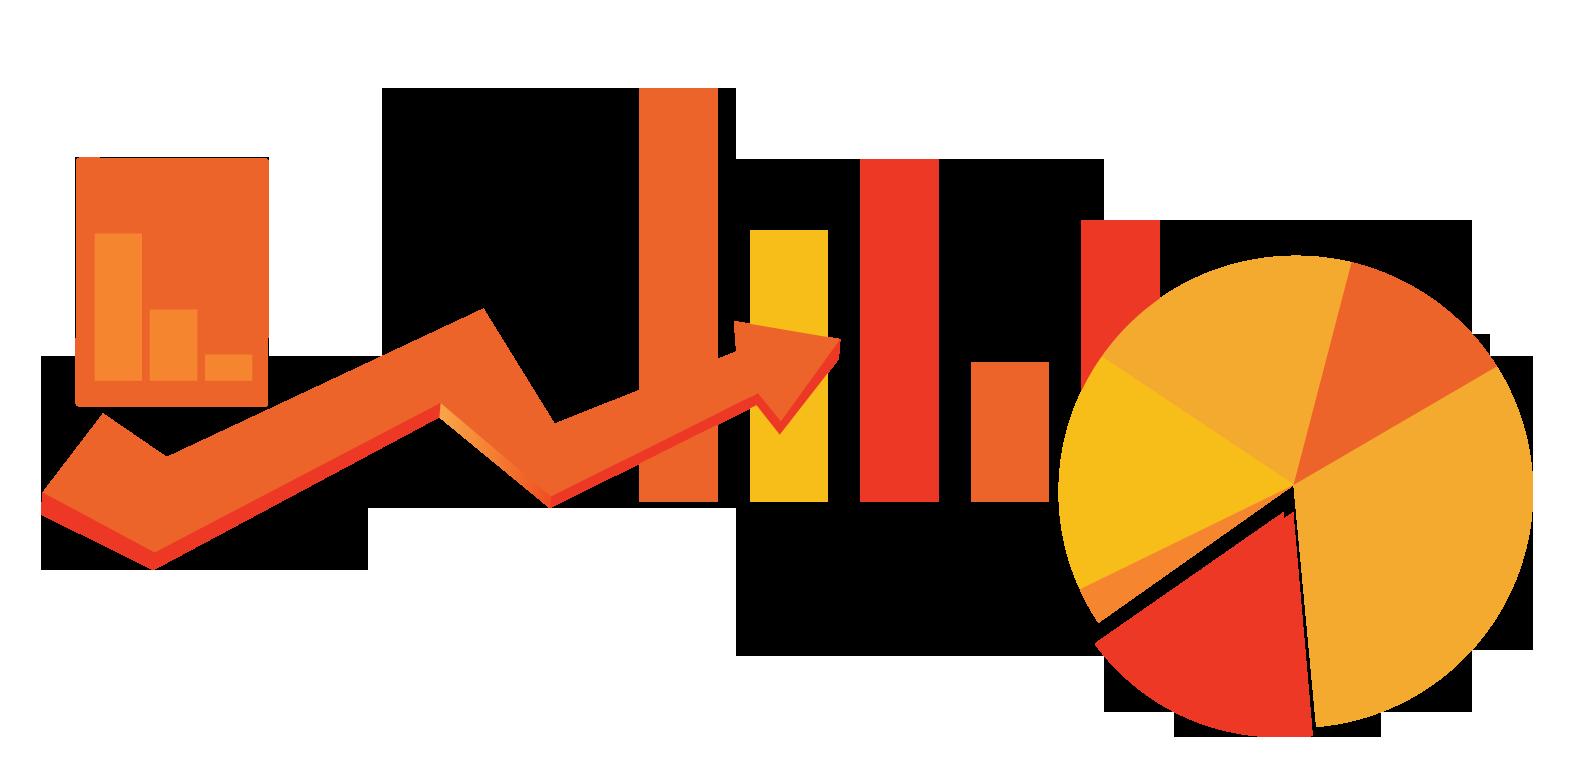 14 eventi da tracciare con Analytics per un sito e-commerce